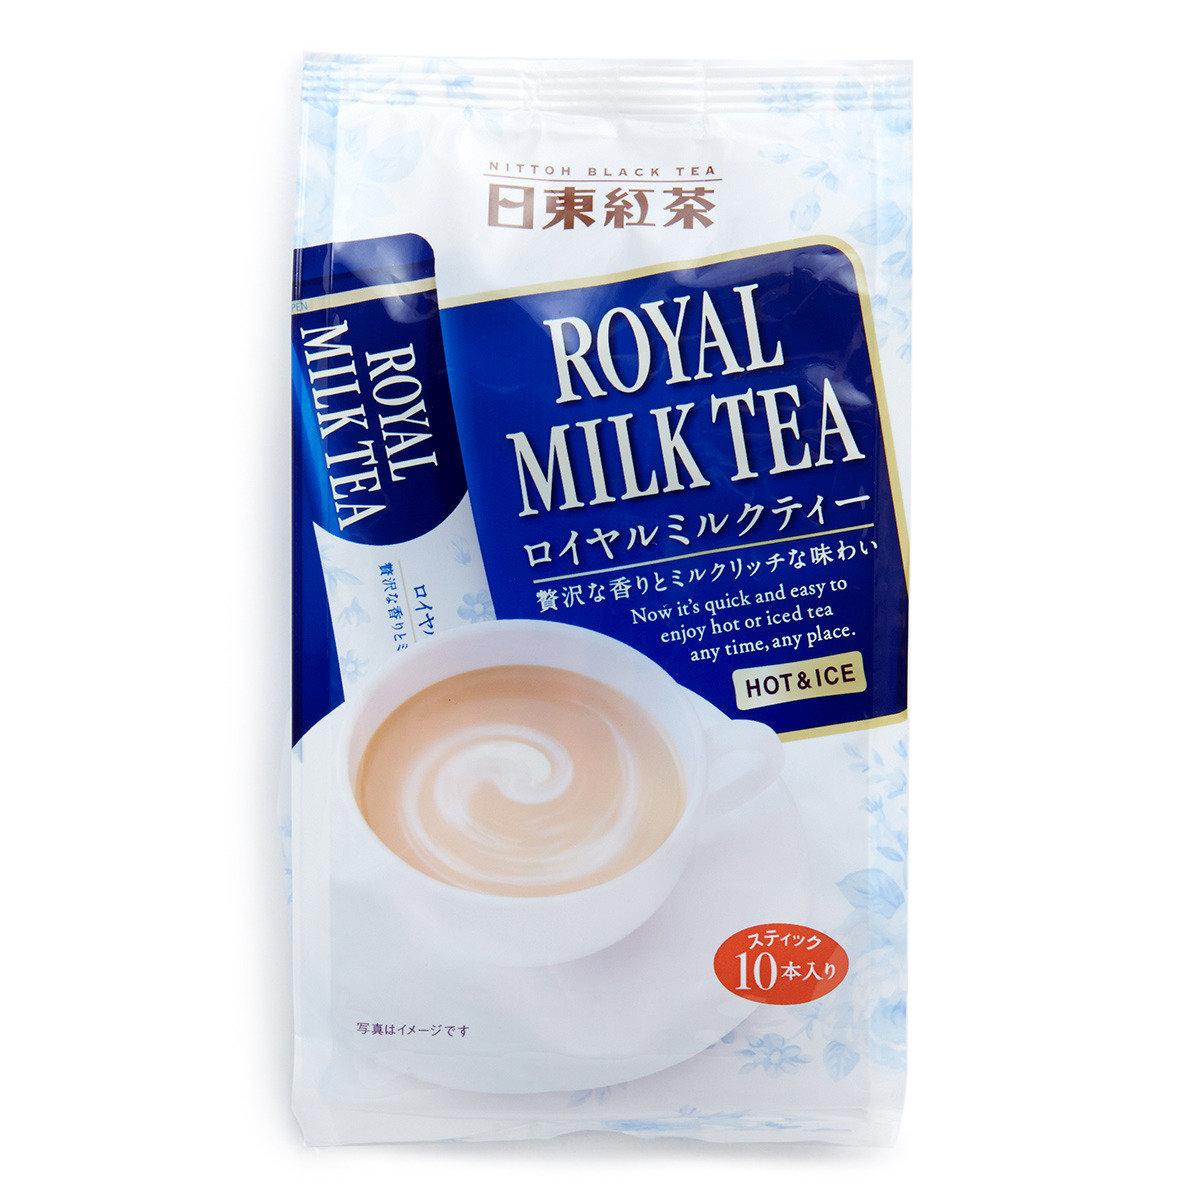 即沖皇室奶茶